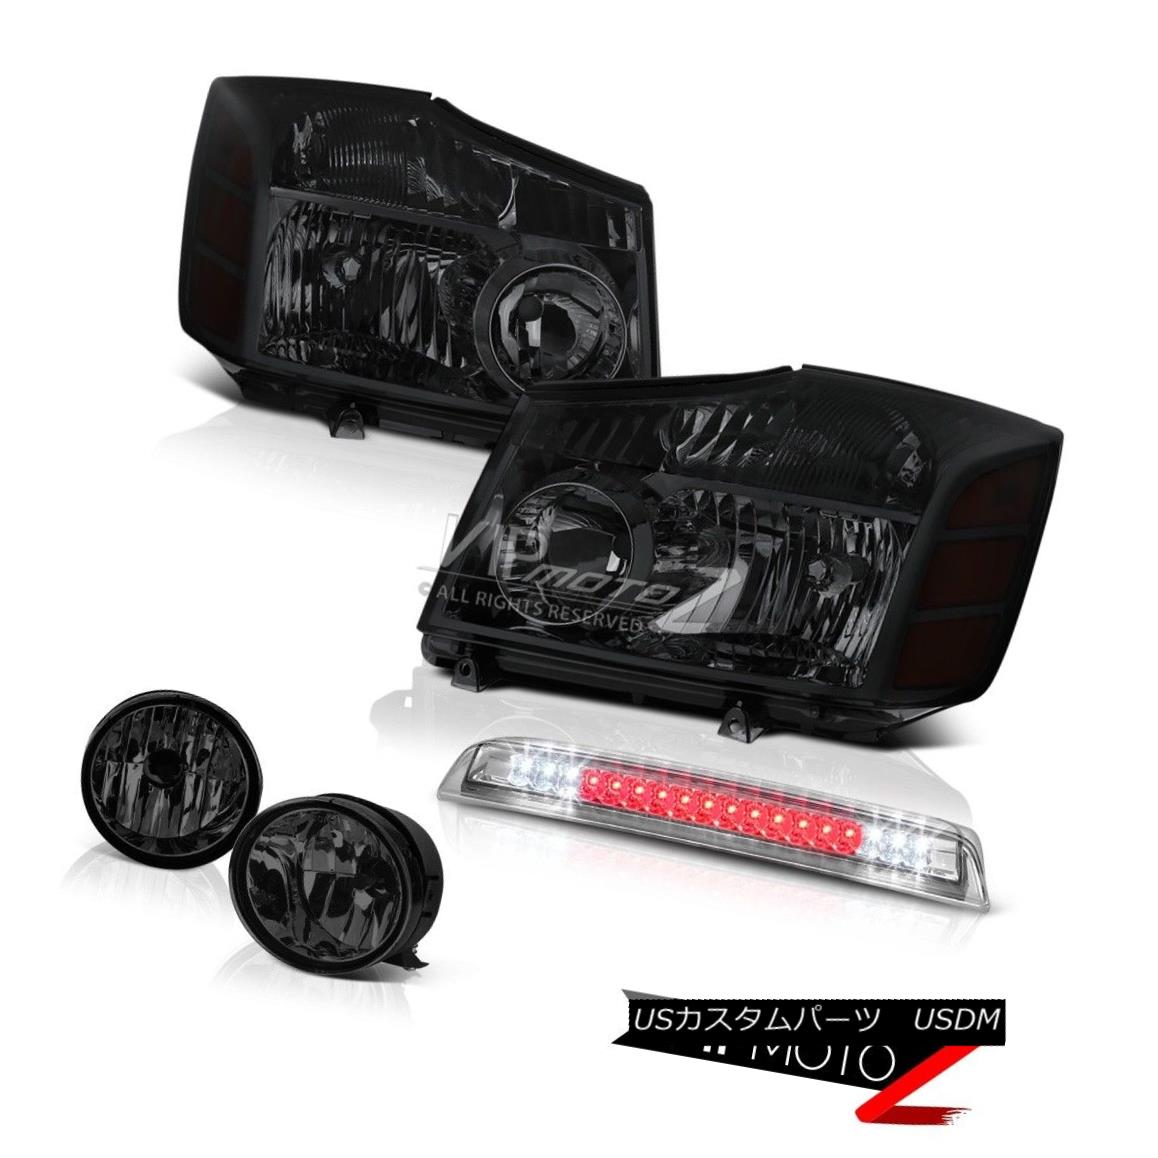 ヘッドライト Pair Left Right Tinted Headlight Fog Light Euro High Stop For 2004-2015 Titan SE 2004年から2015年のタイタンSEのための左のペアの右の色付きヘッドライトフォグライトユーロハイストップ